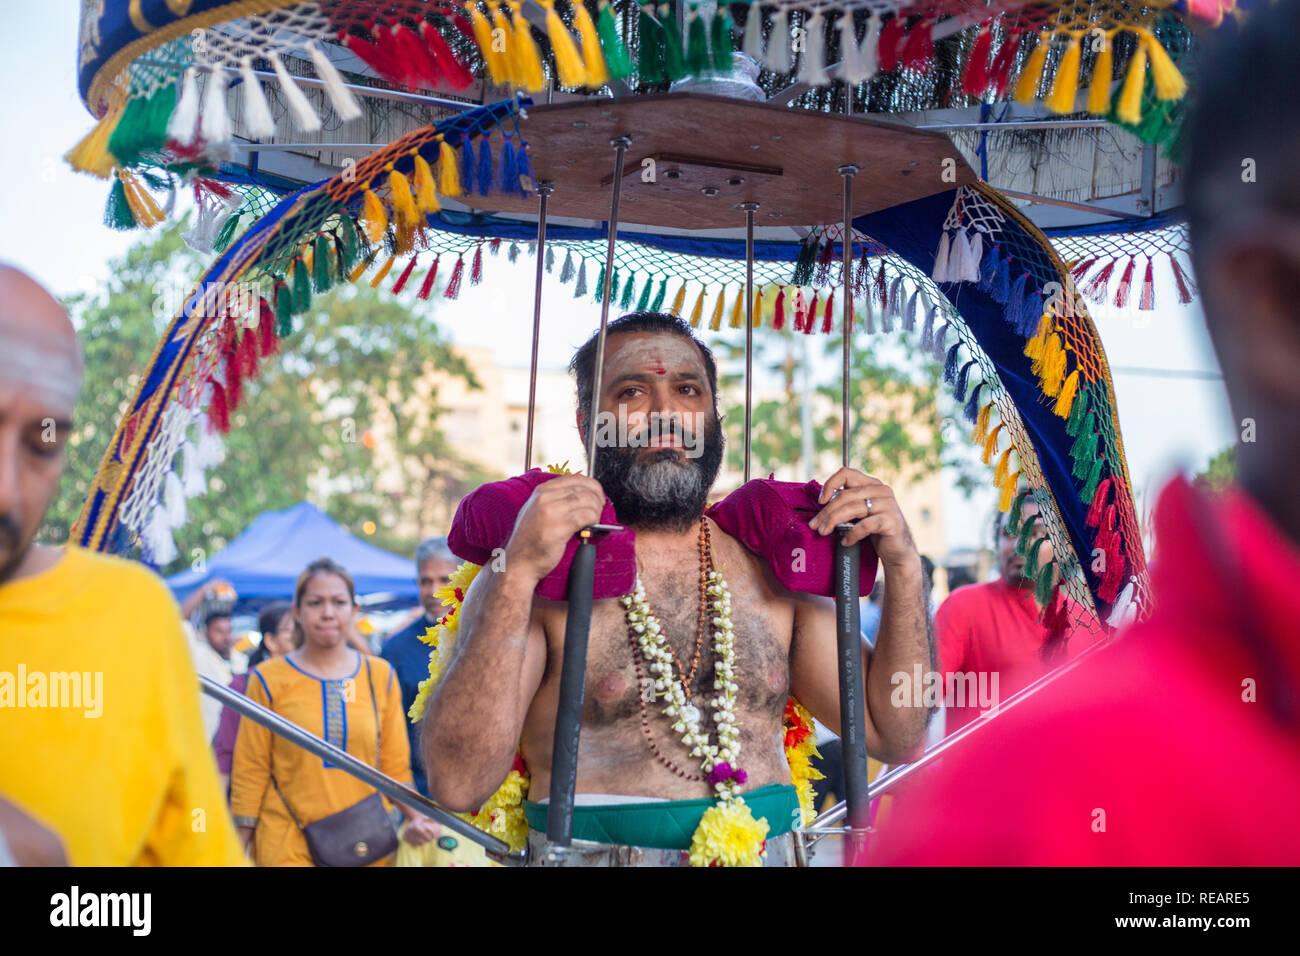 Hindu Calendar Stock Photos & Hindu Calendar Stock Images